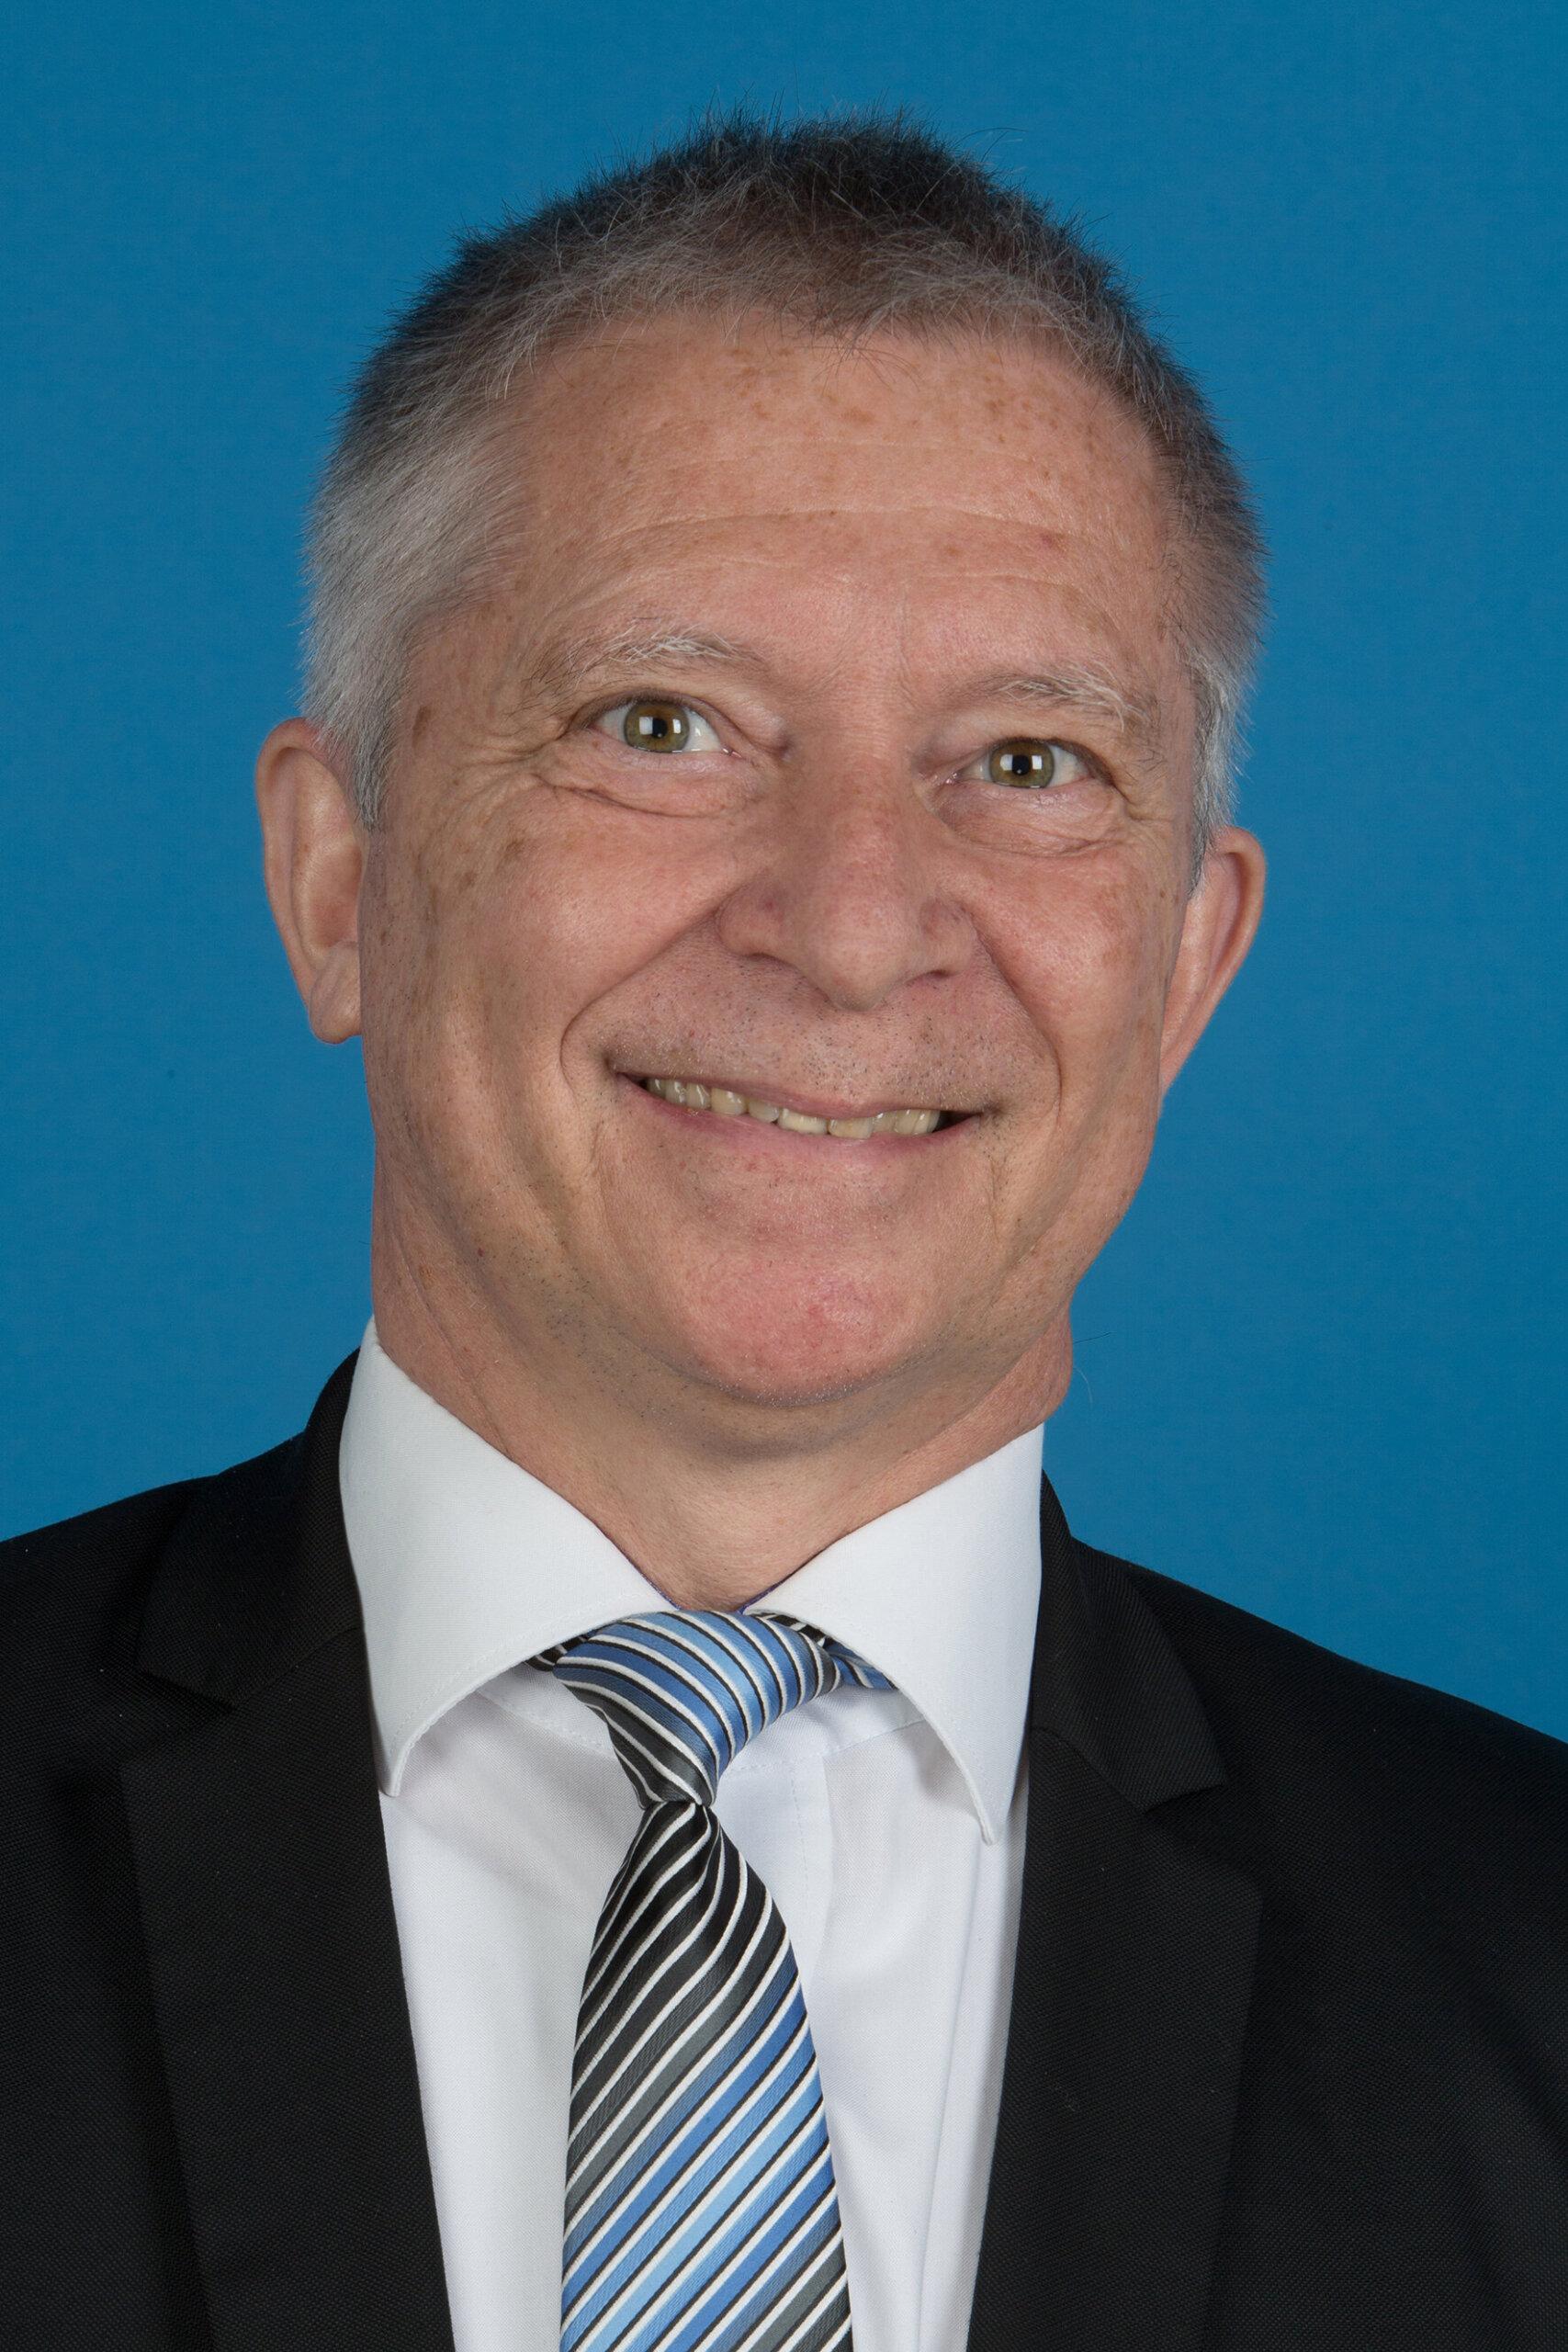 Daniel Pomeret